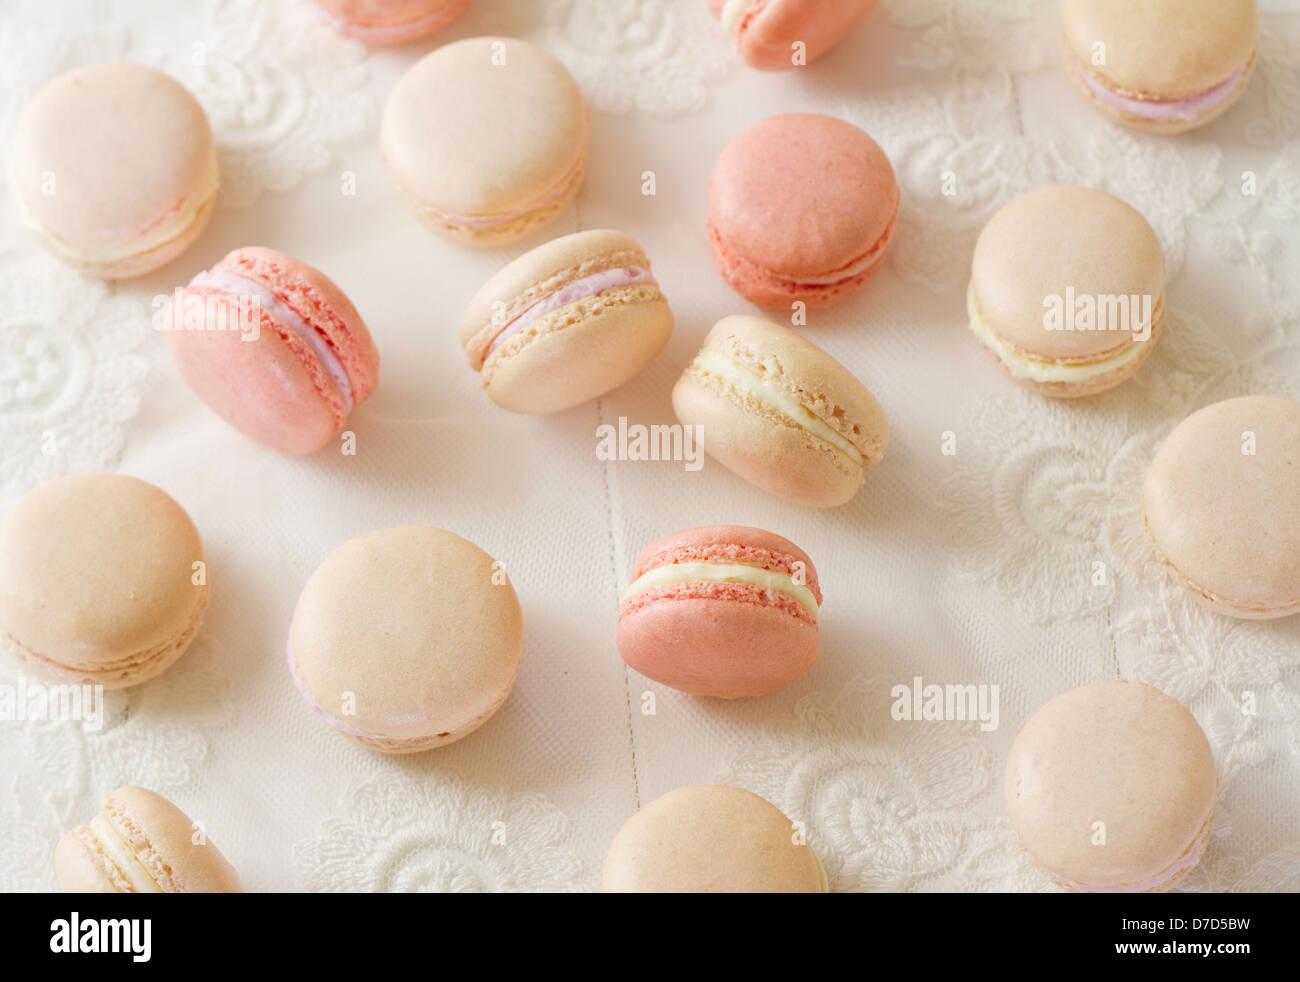 Assortiment de macarons amande français sur bois blanc, partie d'une série. Photo Stock